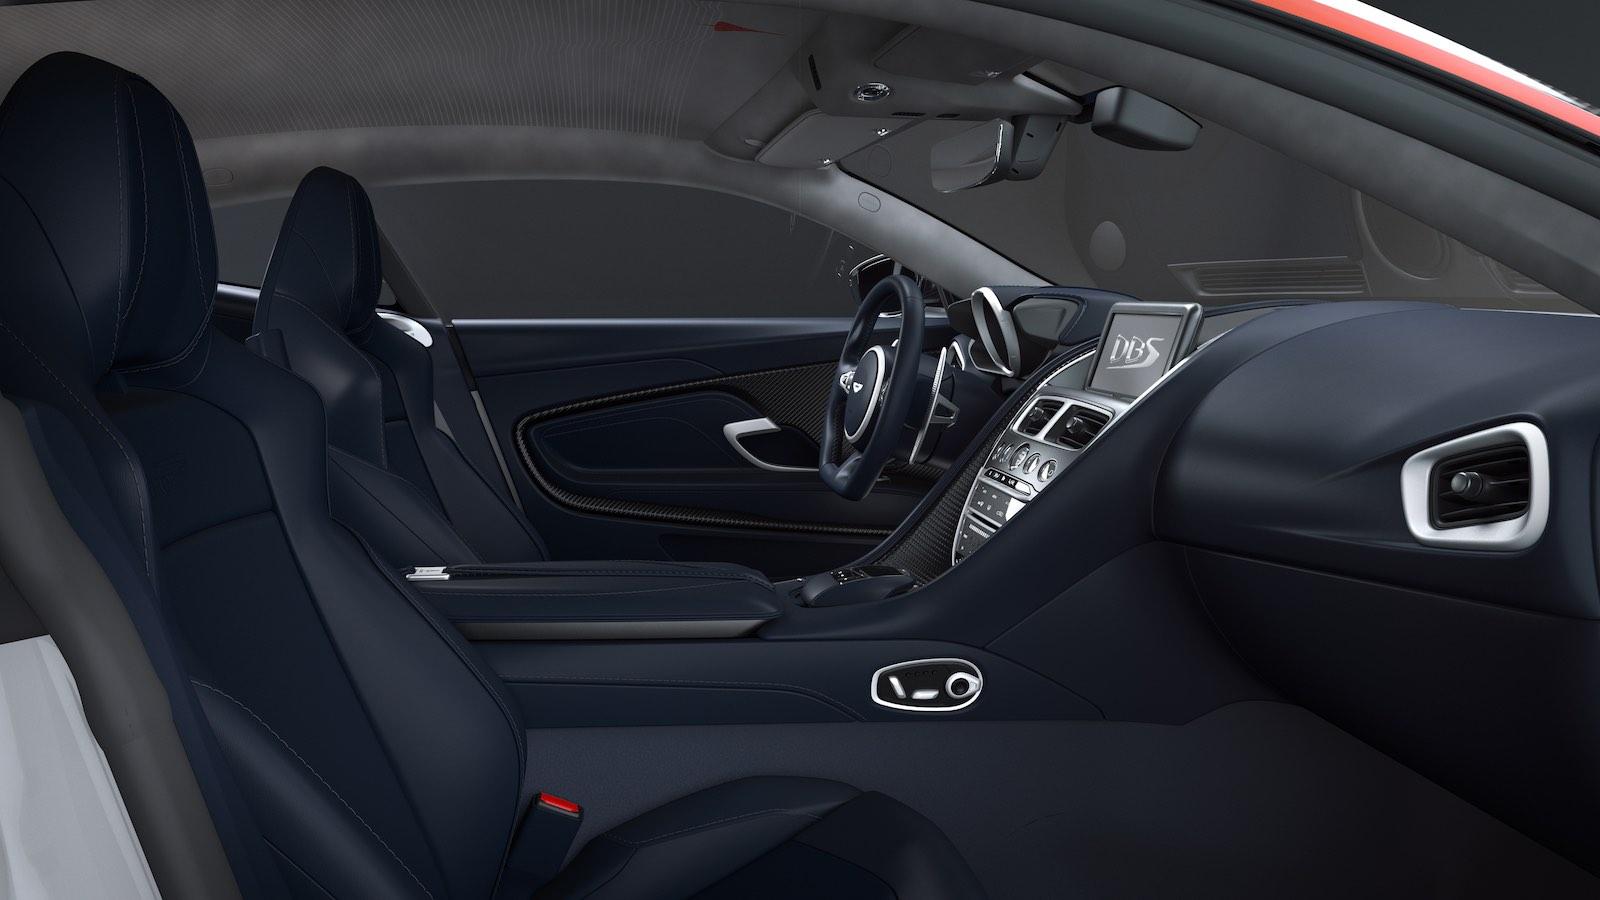 En el interior, el auto tiene hermosa tapicería azul